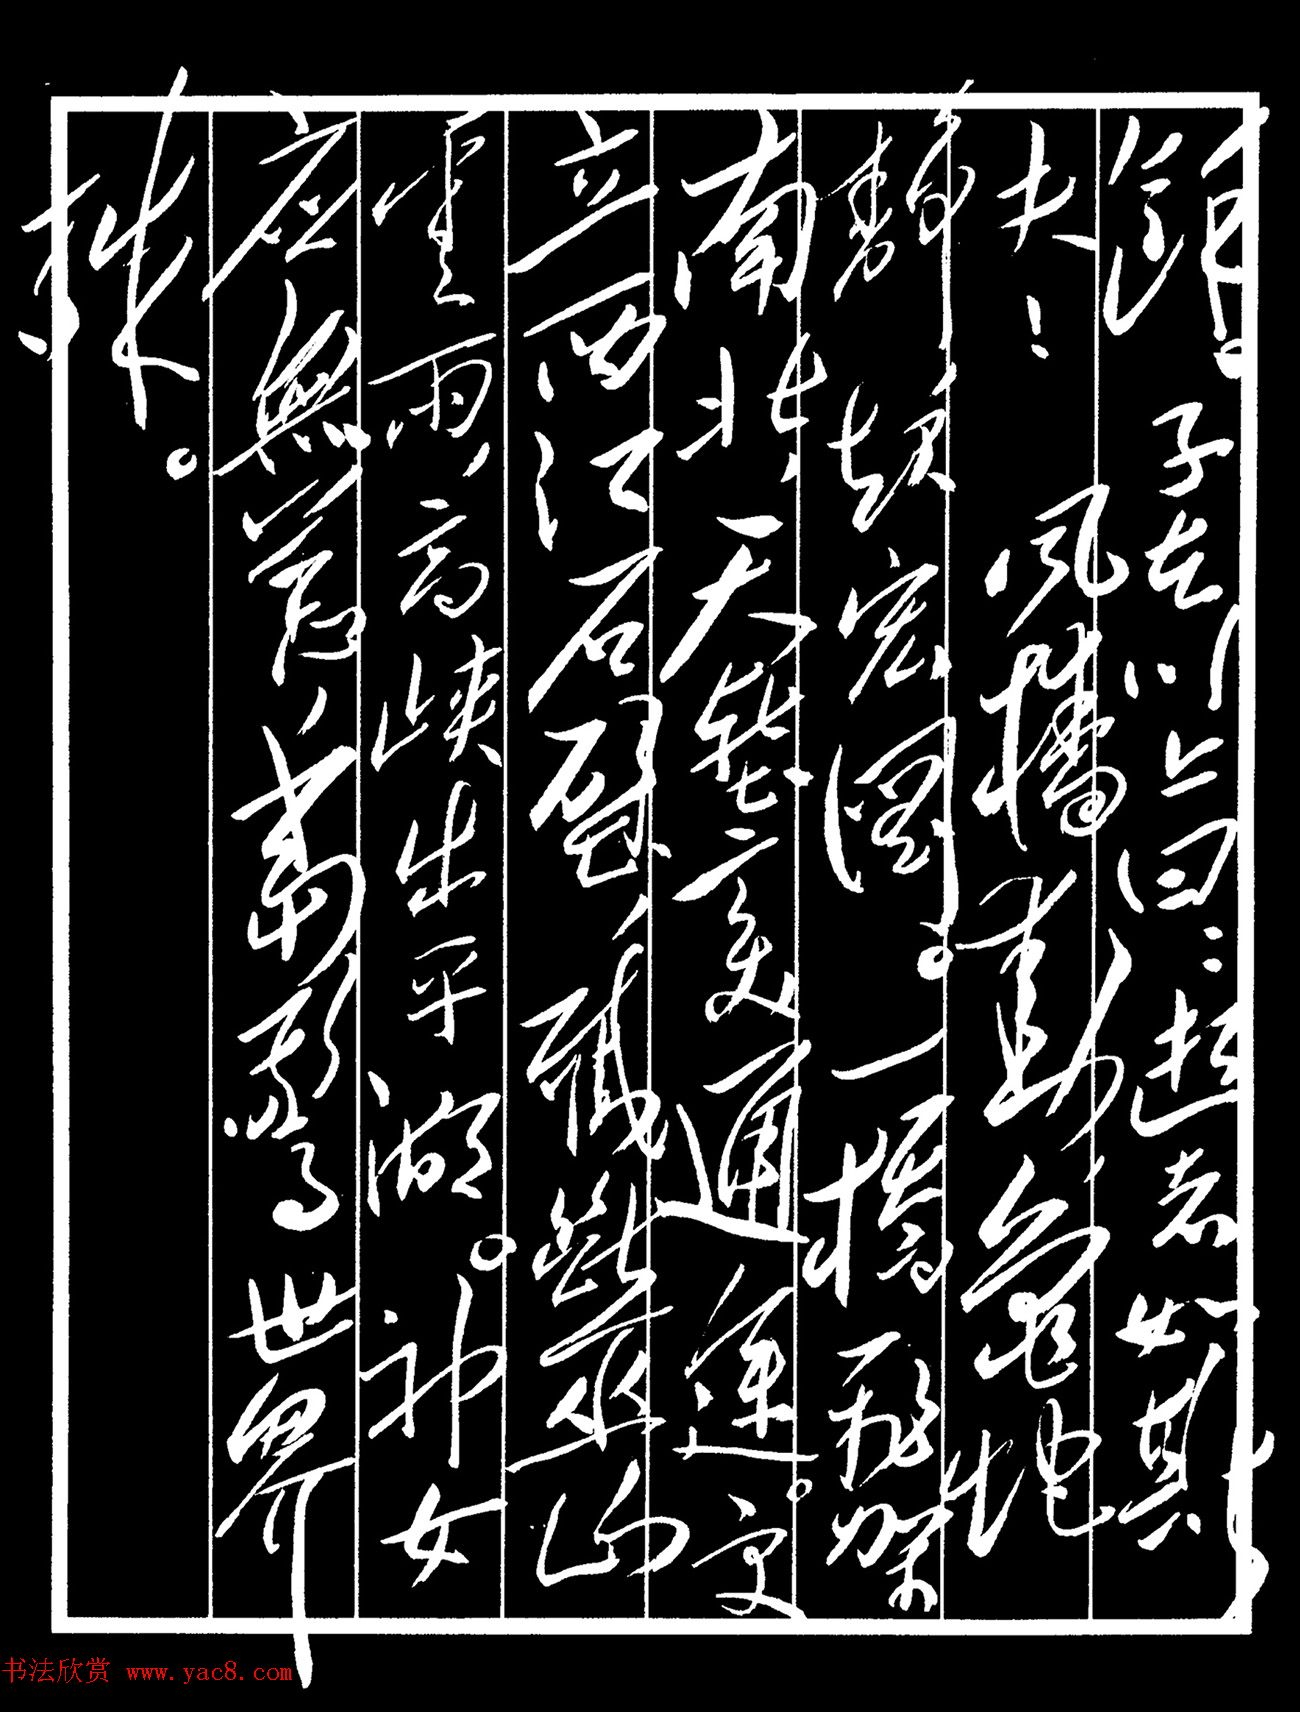 毛泽东行草书法《水调歌头·游泳》